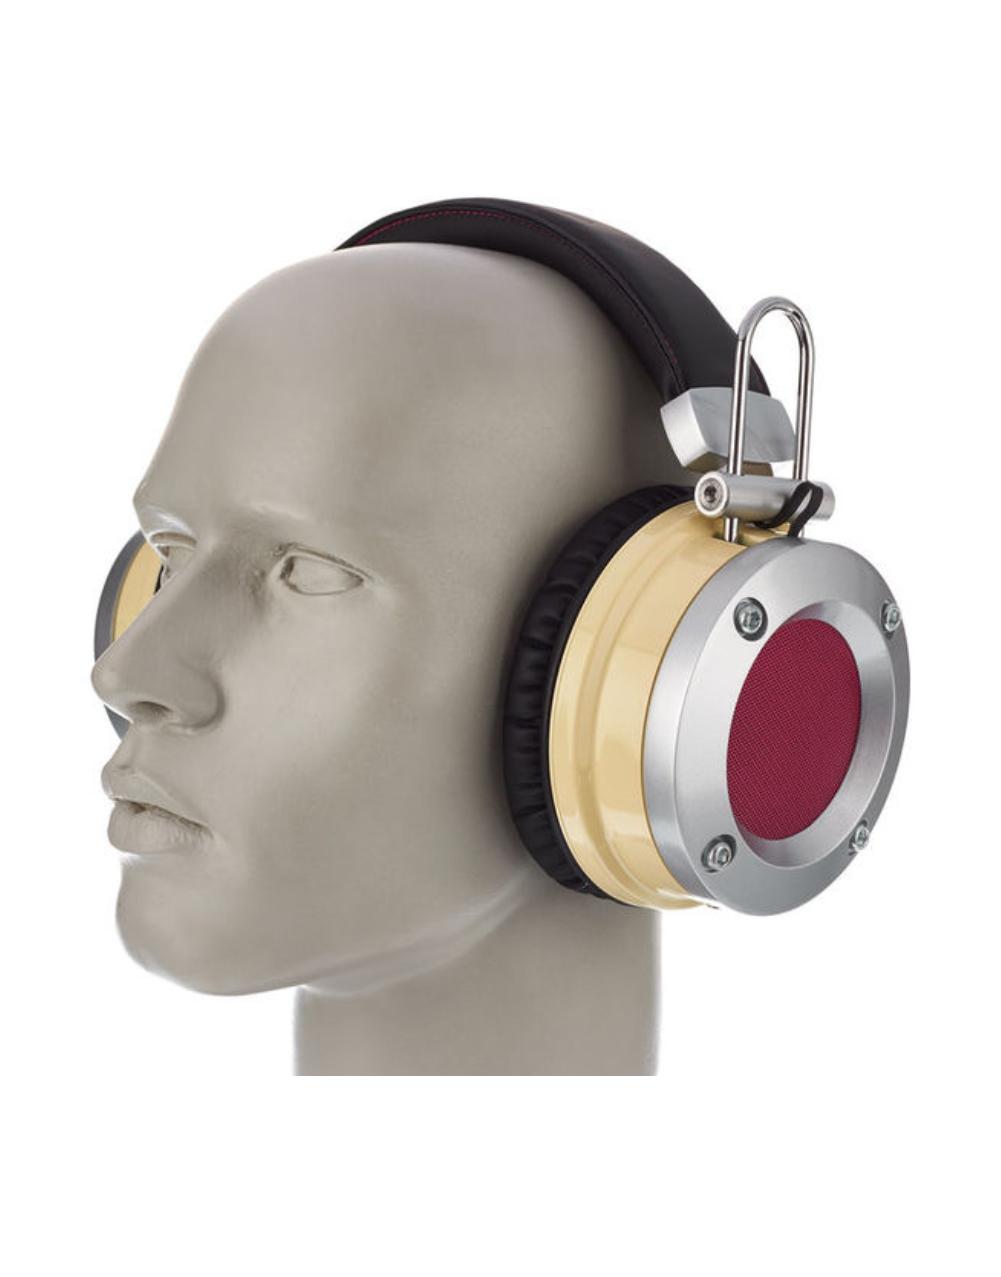 HEADPHONES AVANTONE PRO MP-1 MIXPHONES CREAM